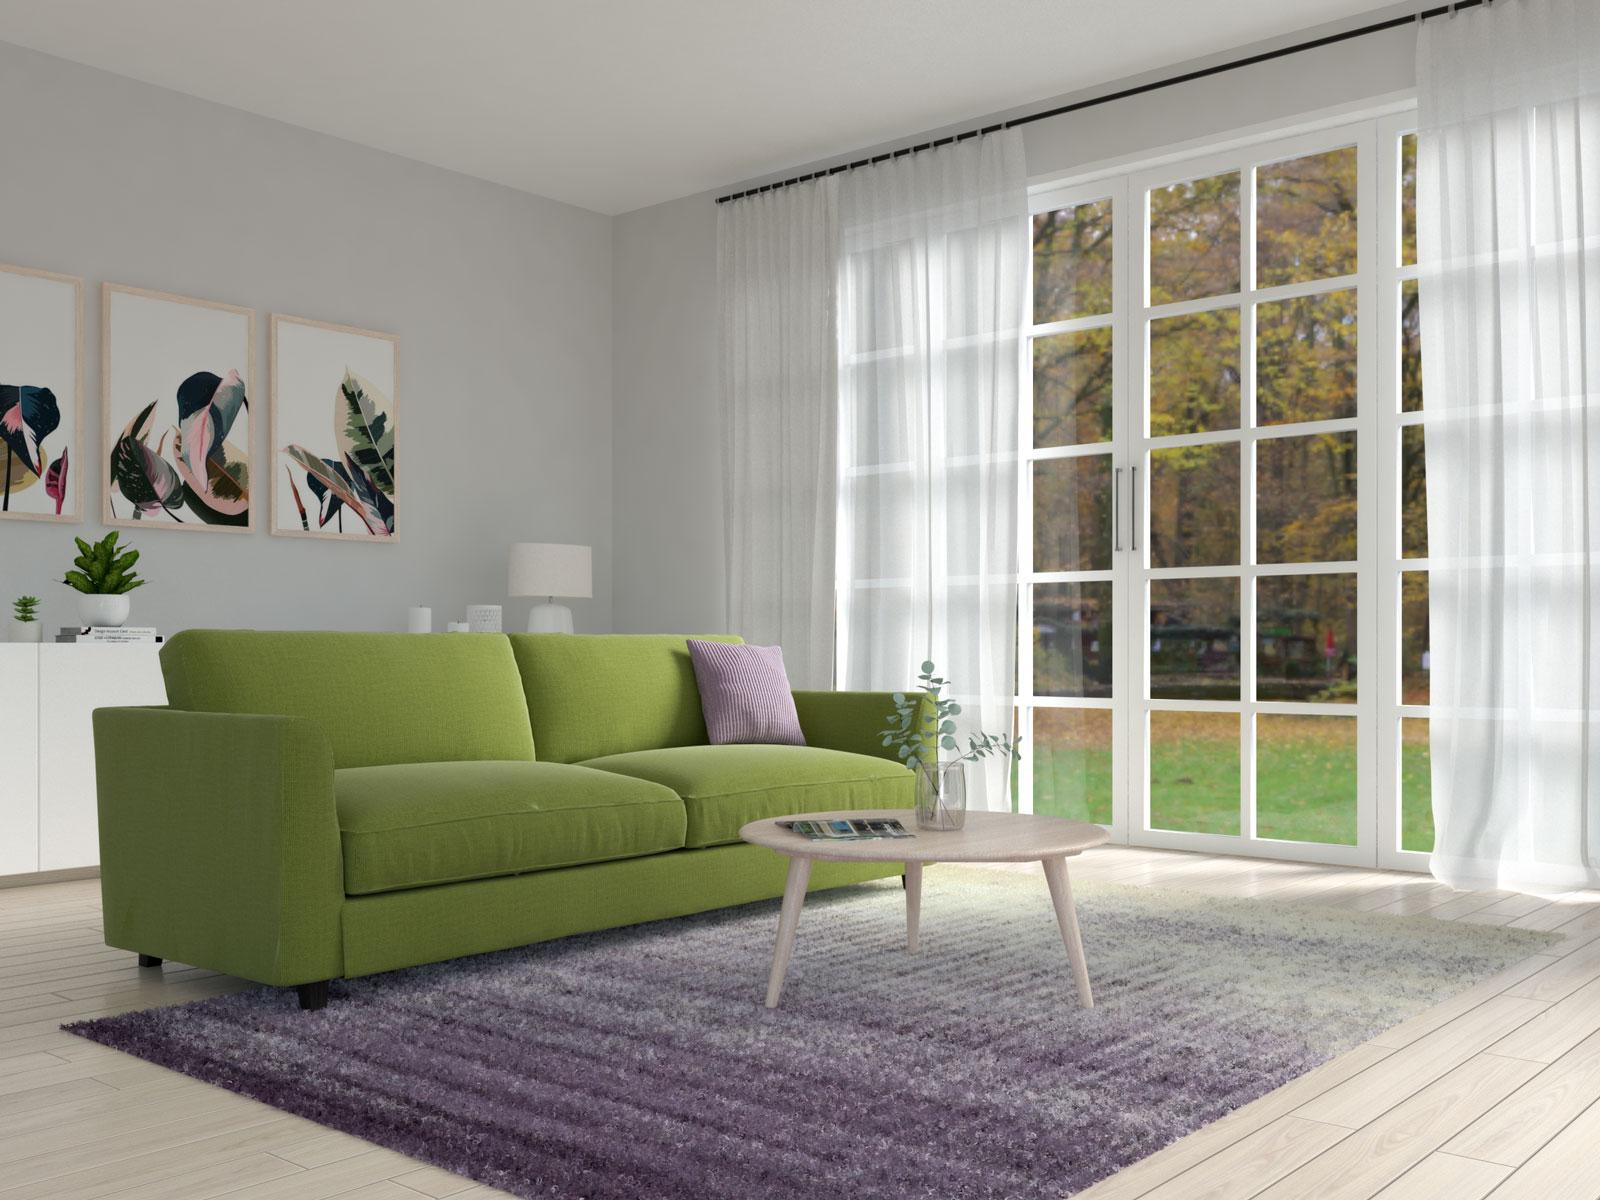 Olive and purple living room ideas